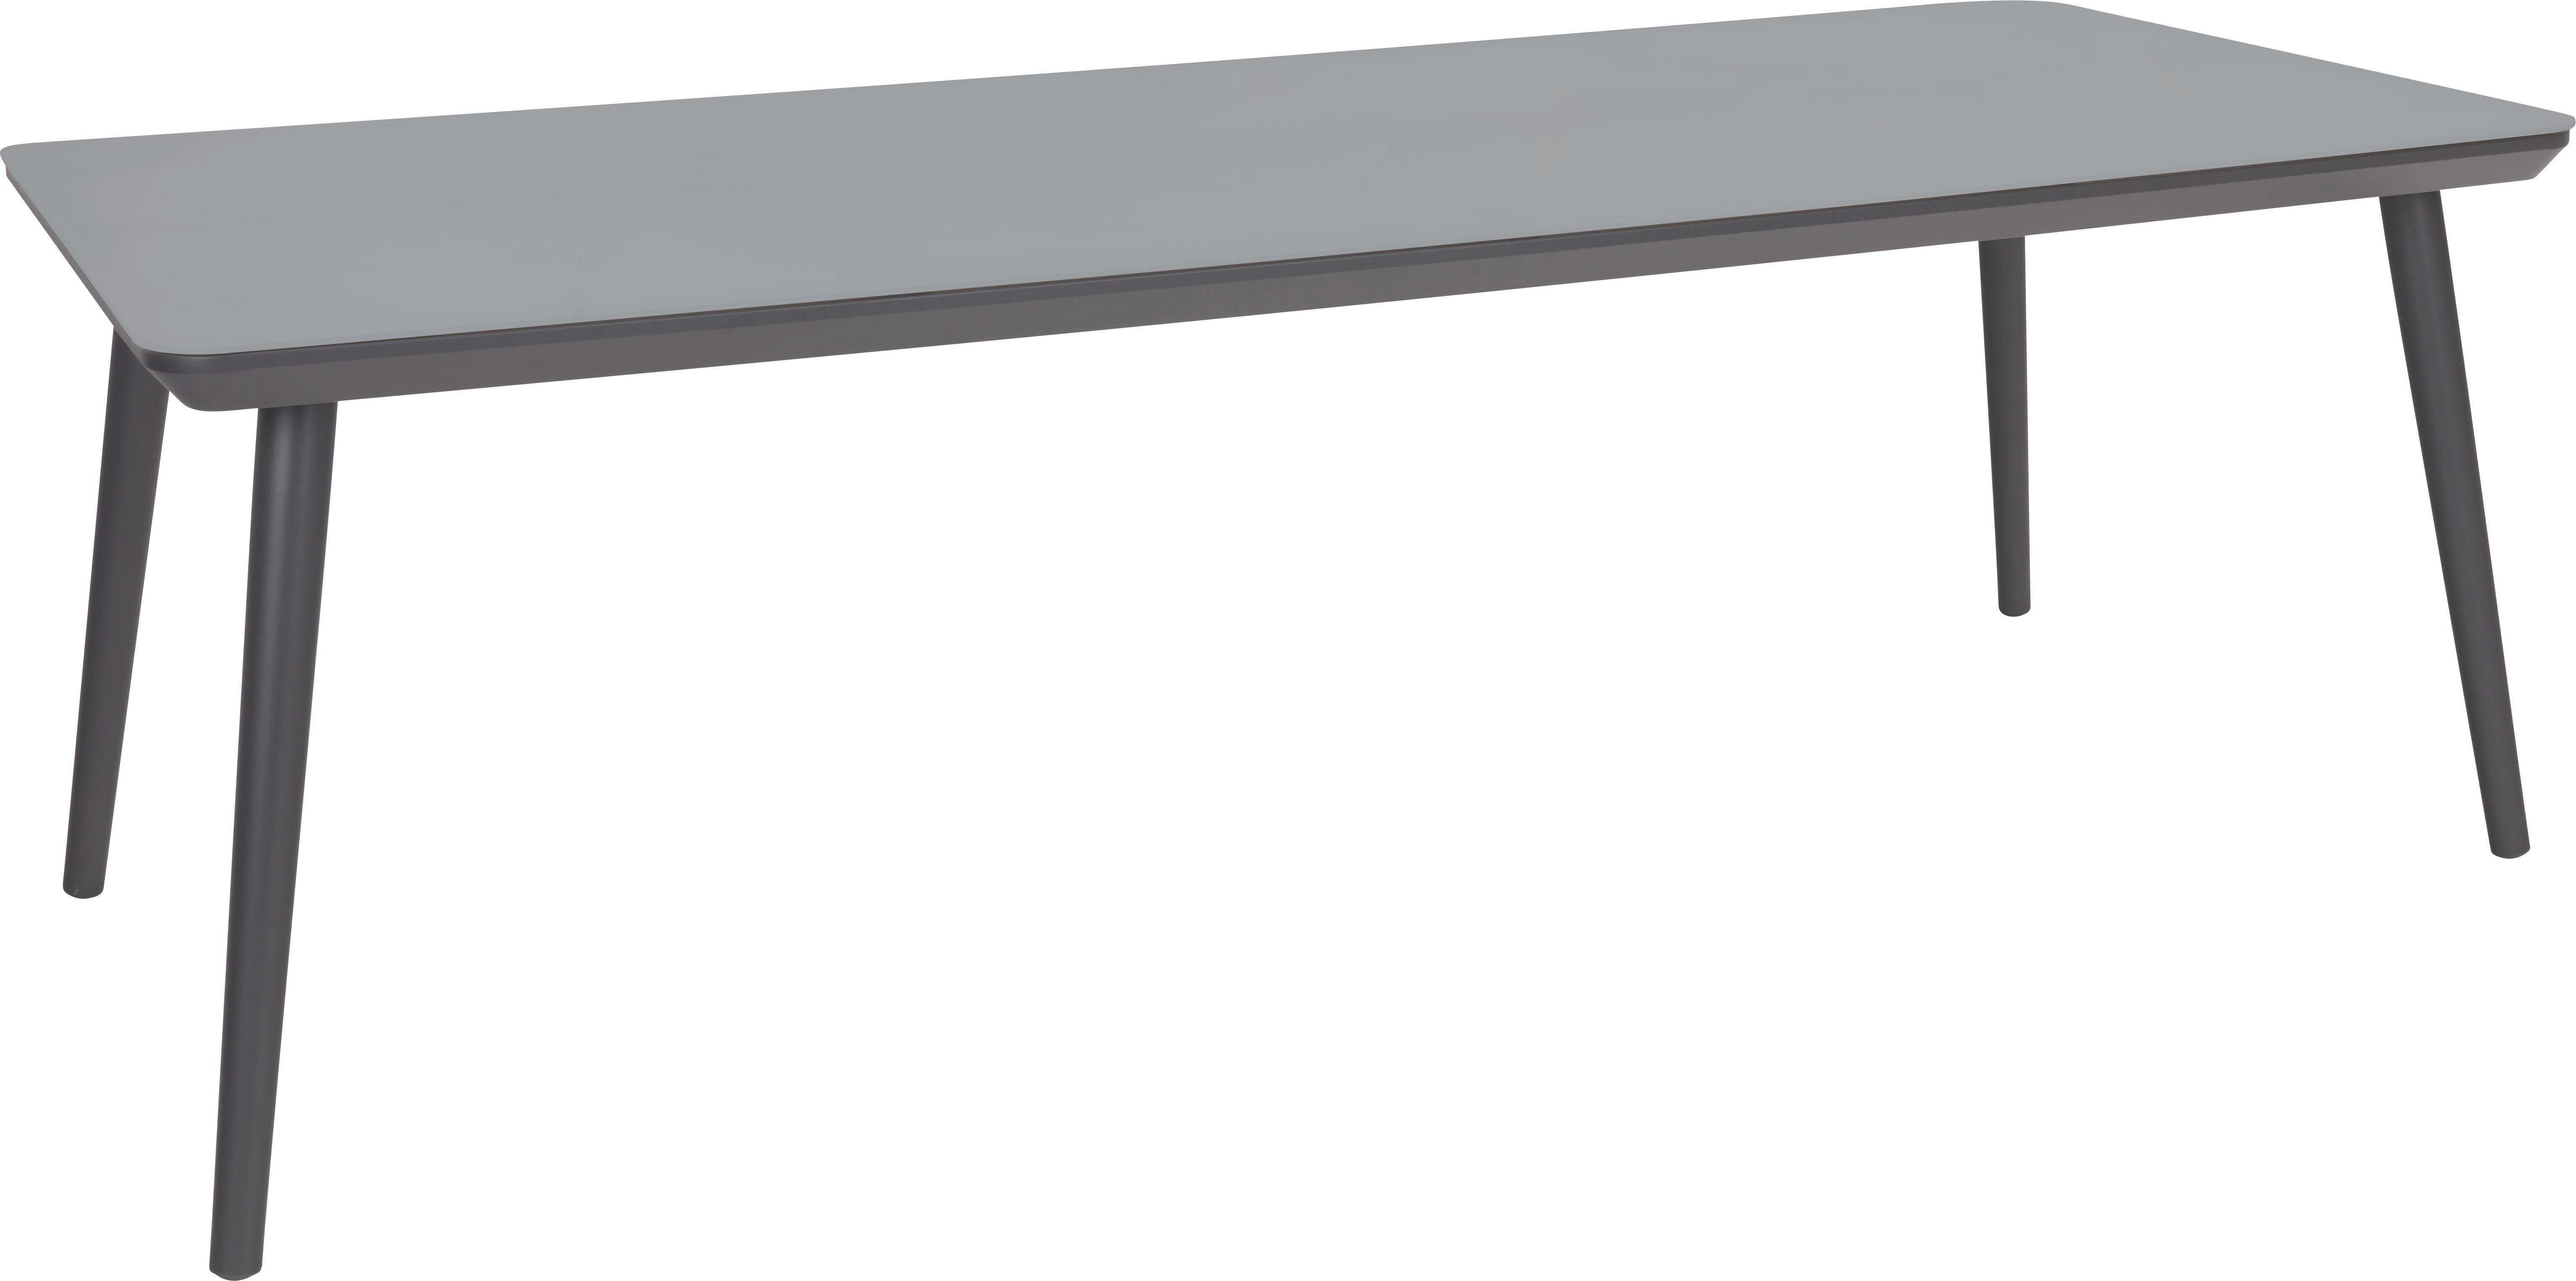 Schön Gartentisch Aus Metall Schema